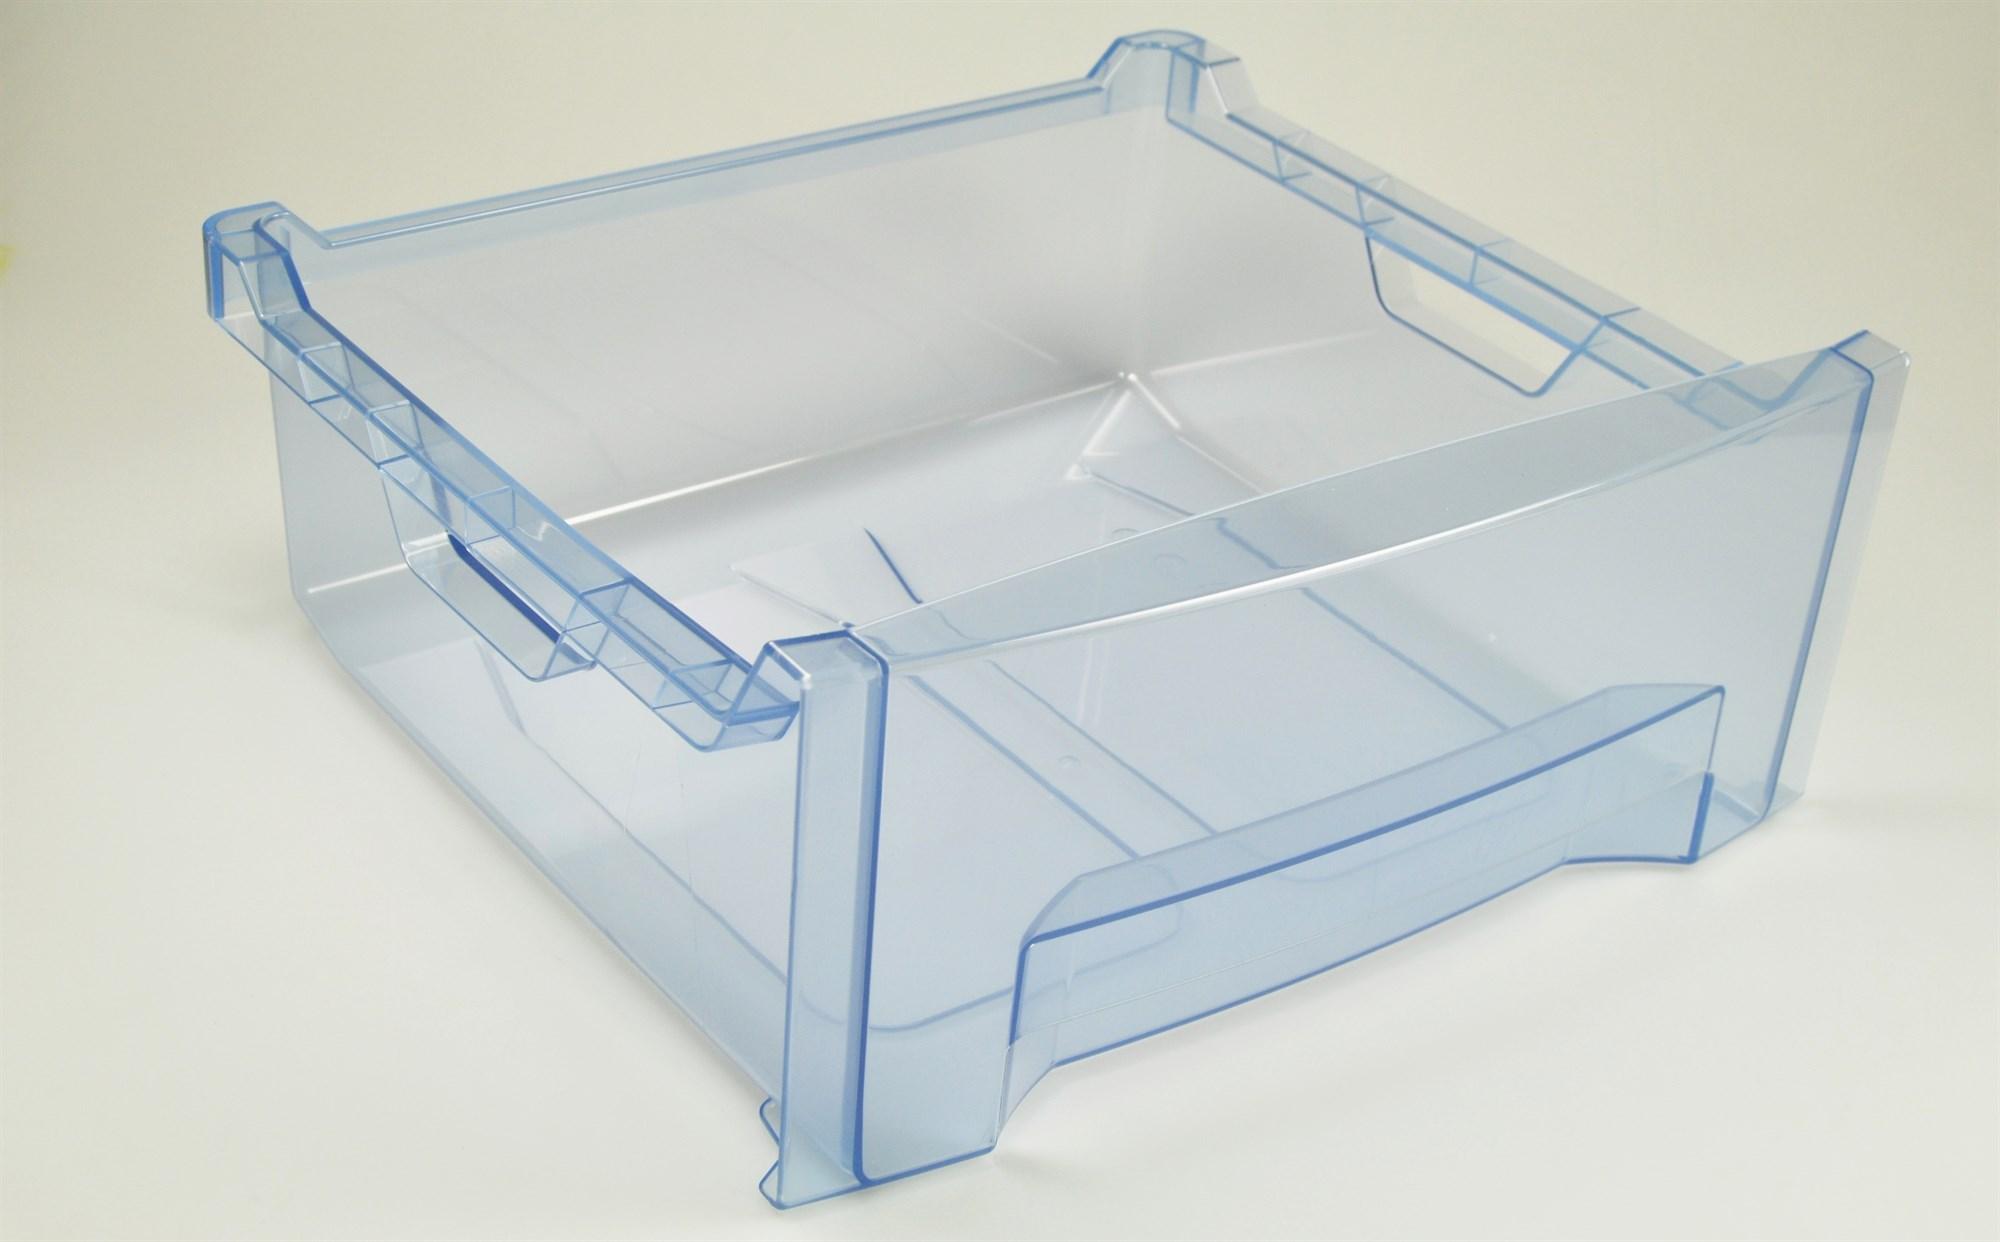 Gorenje Kühlschrank Ersatzteile Gefrierfach : Gefrierschublade gorenje kühl gefrierschrank mm mm